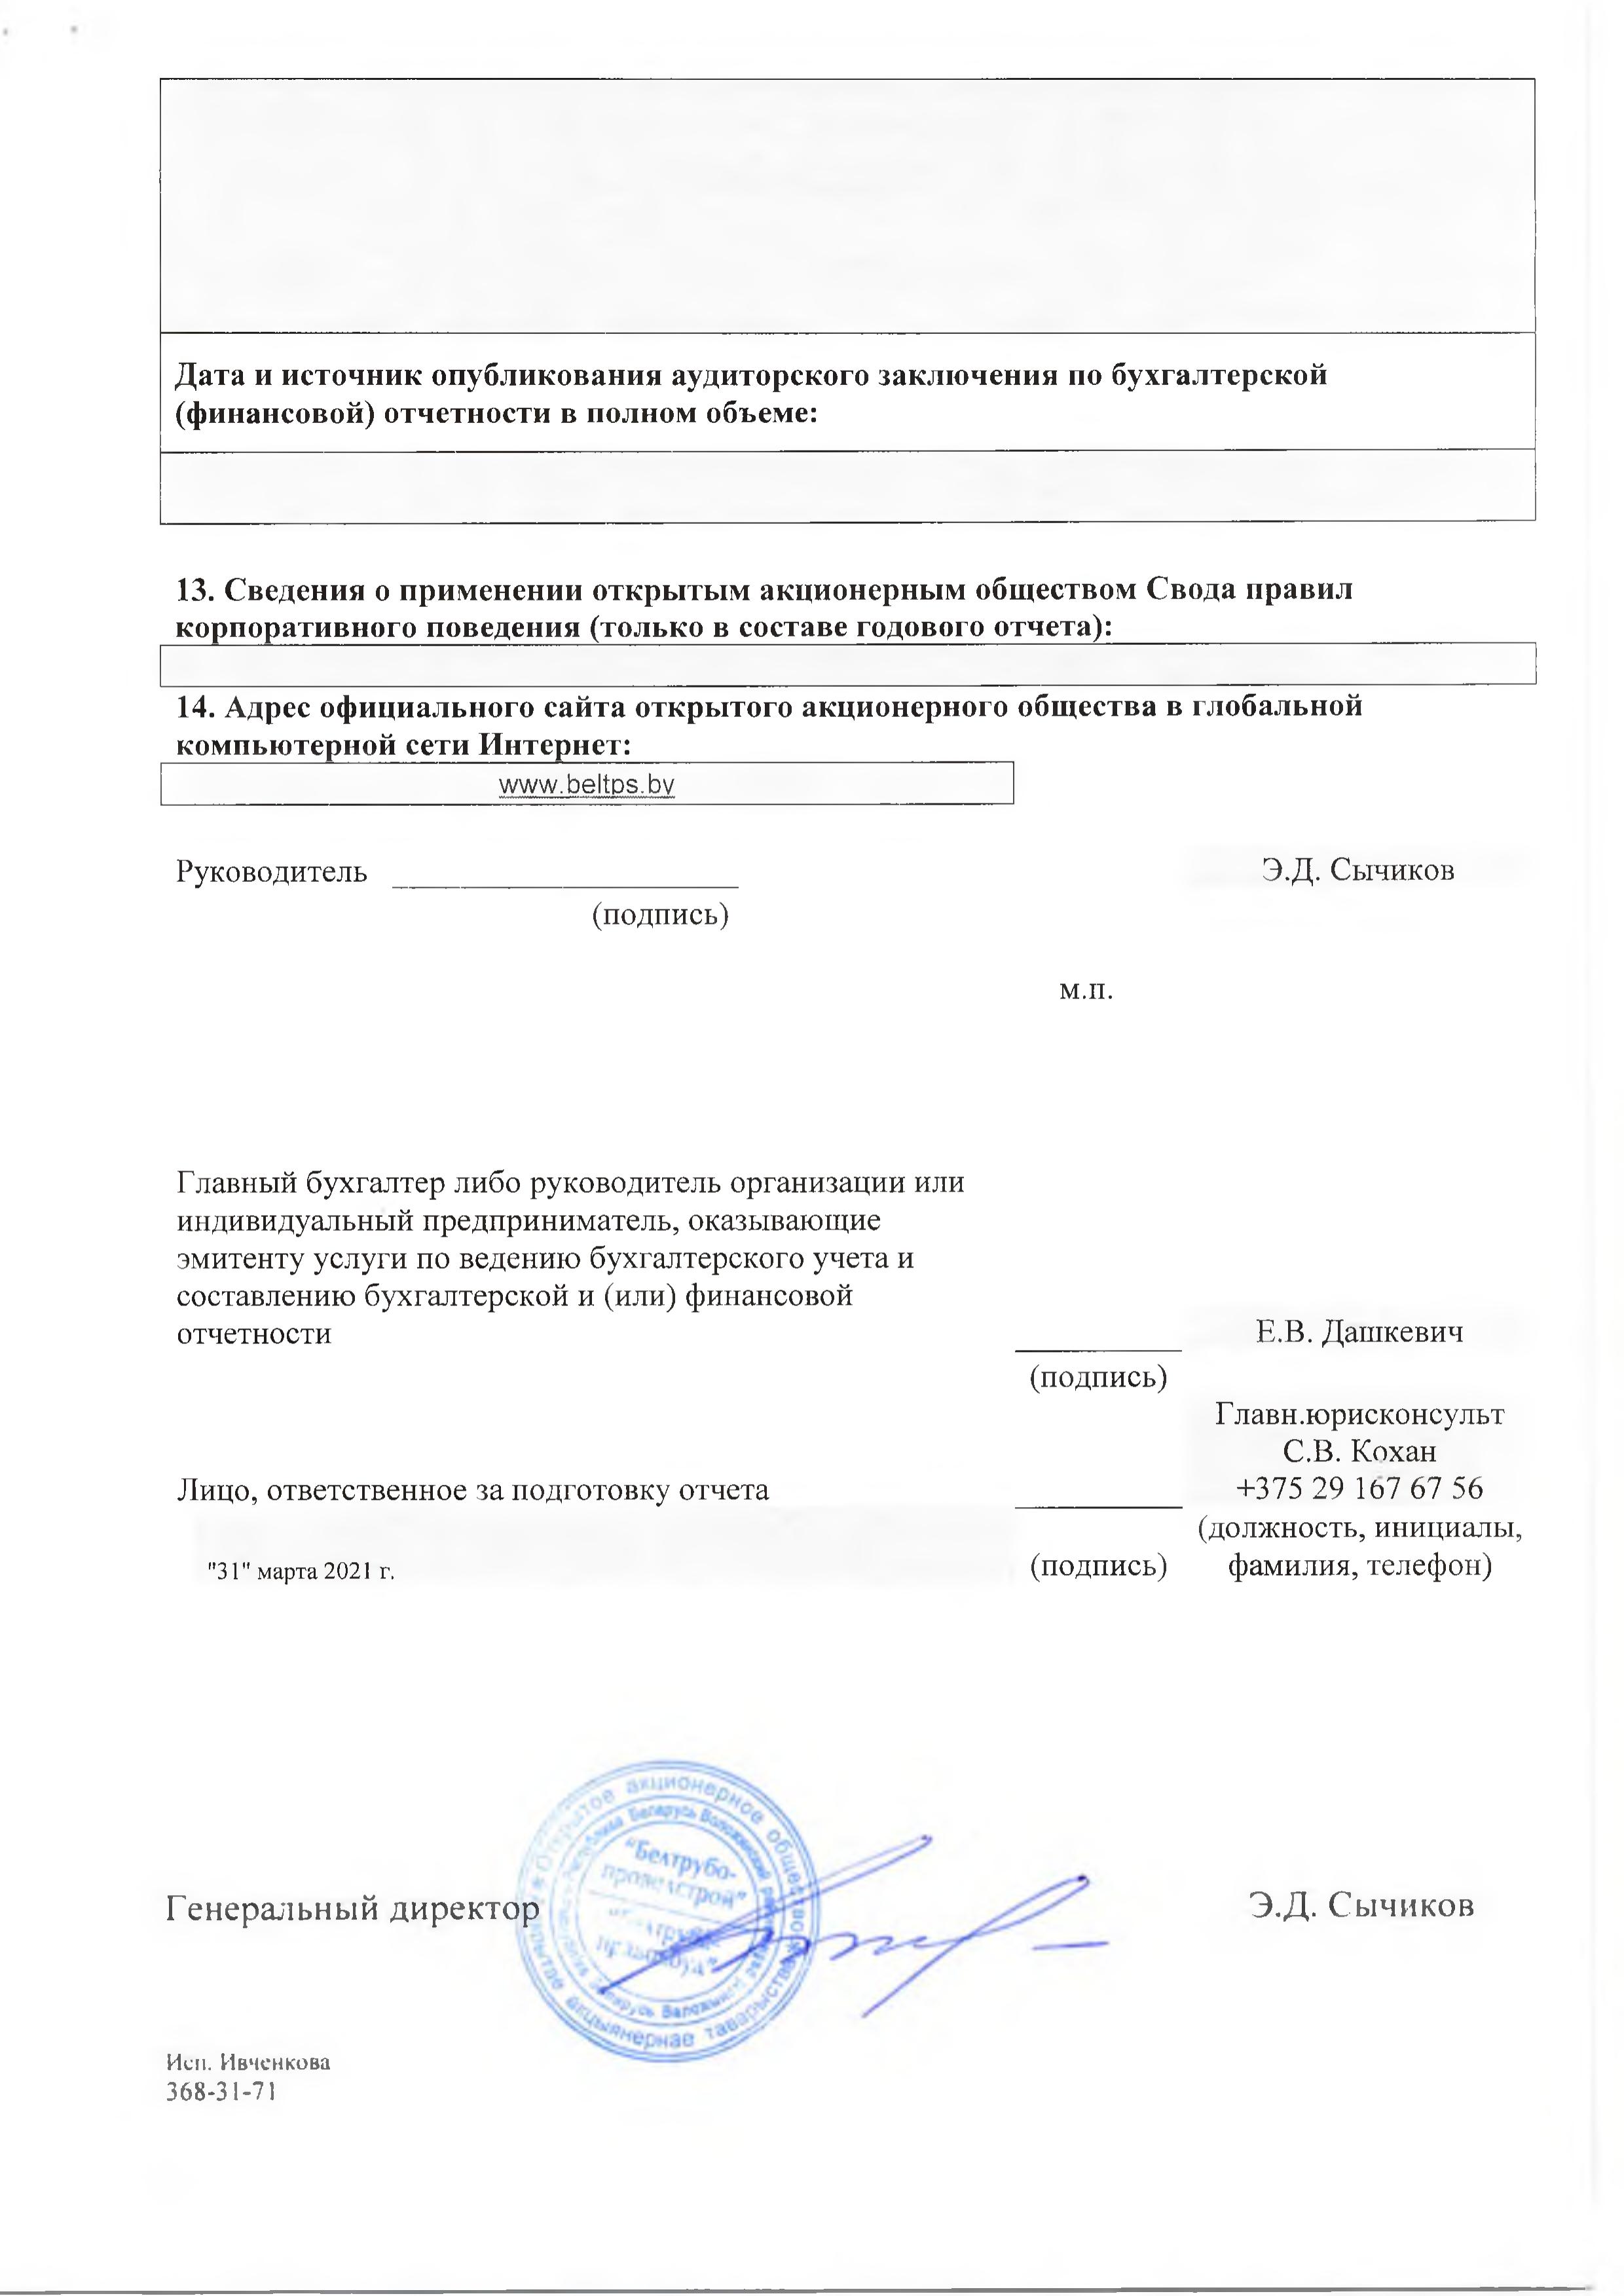 Годовой отчет ОАО Белтрубопроводстрой за 2021_14